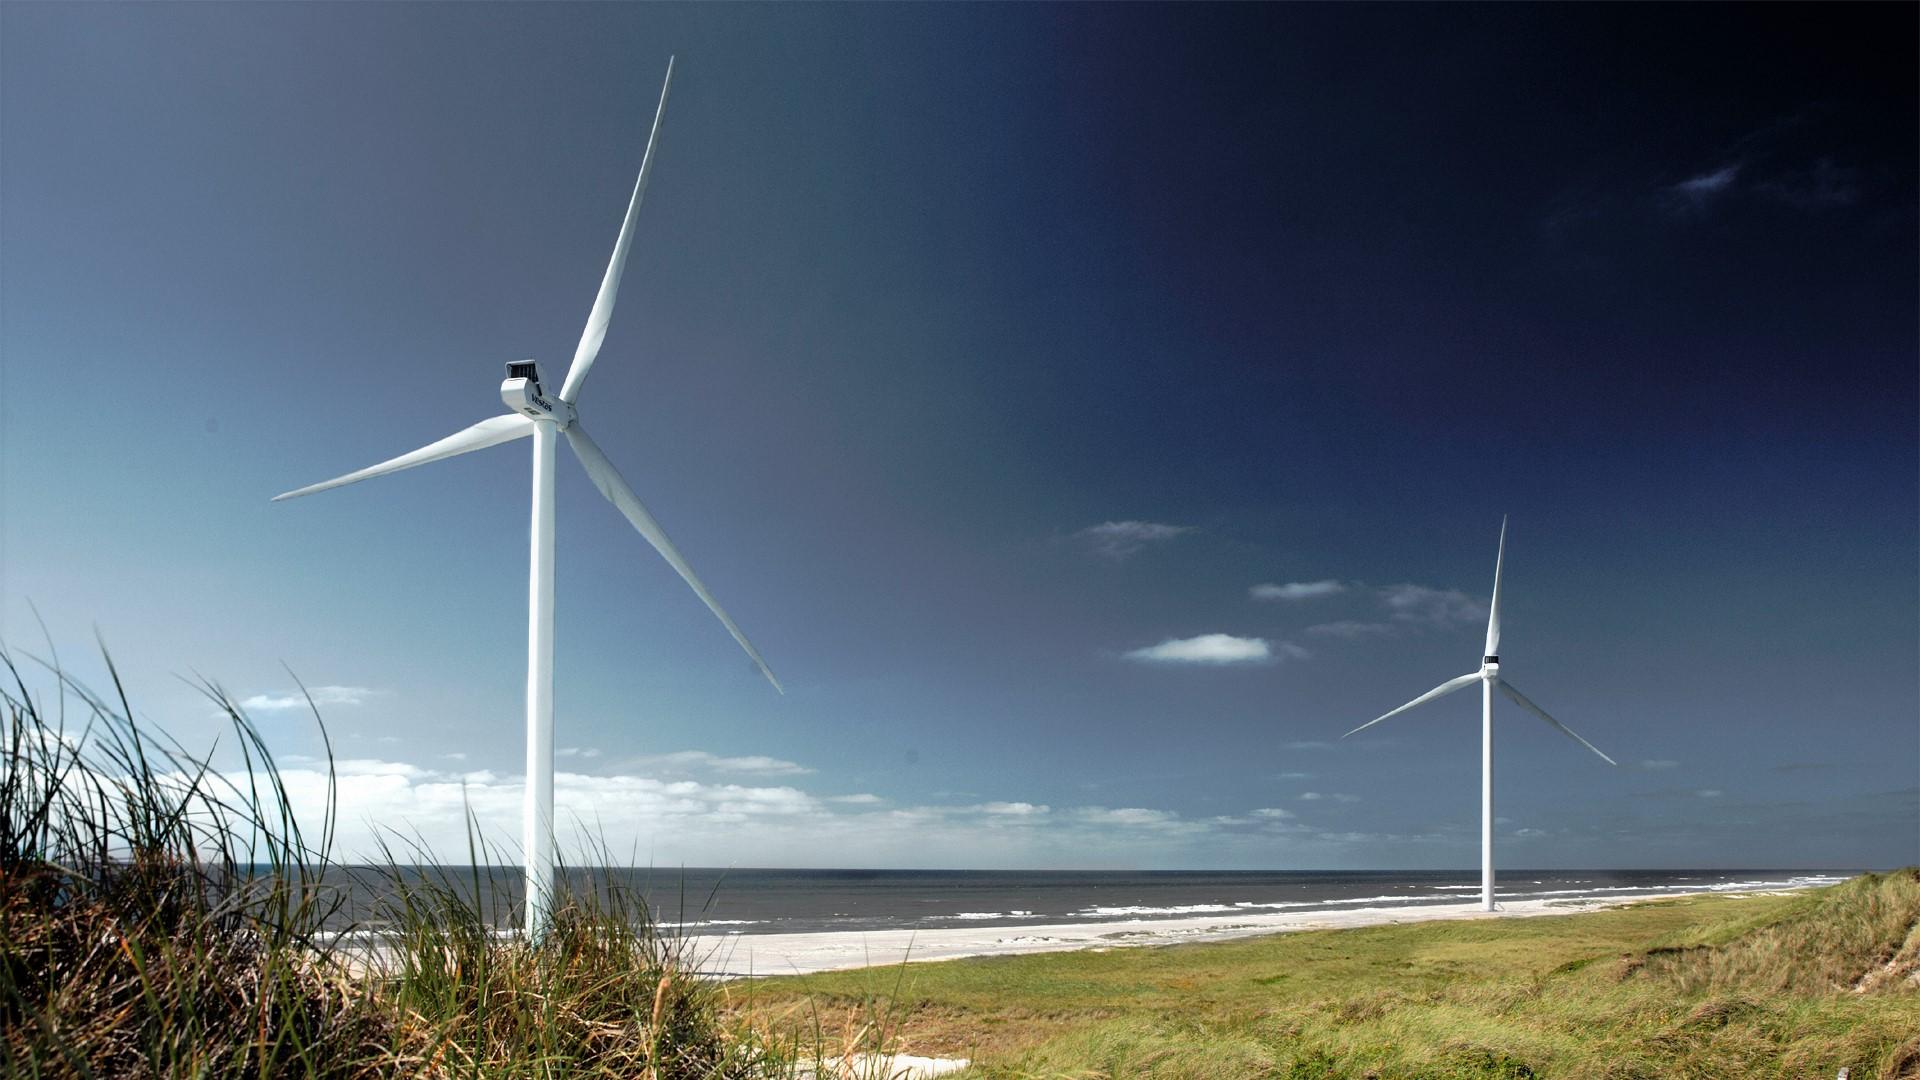 принт ветряные электростанции нового поколения фото оборудования, предметов интерьера